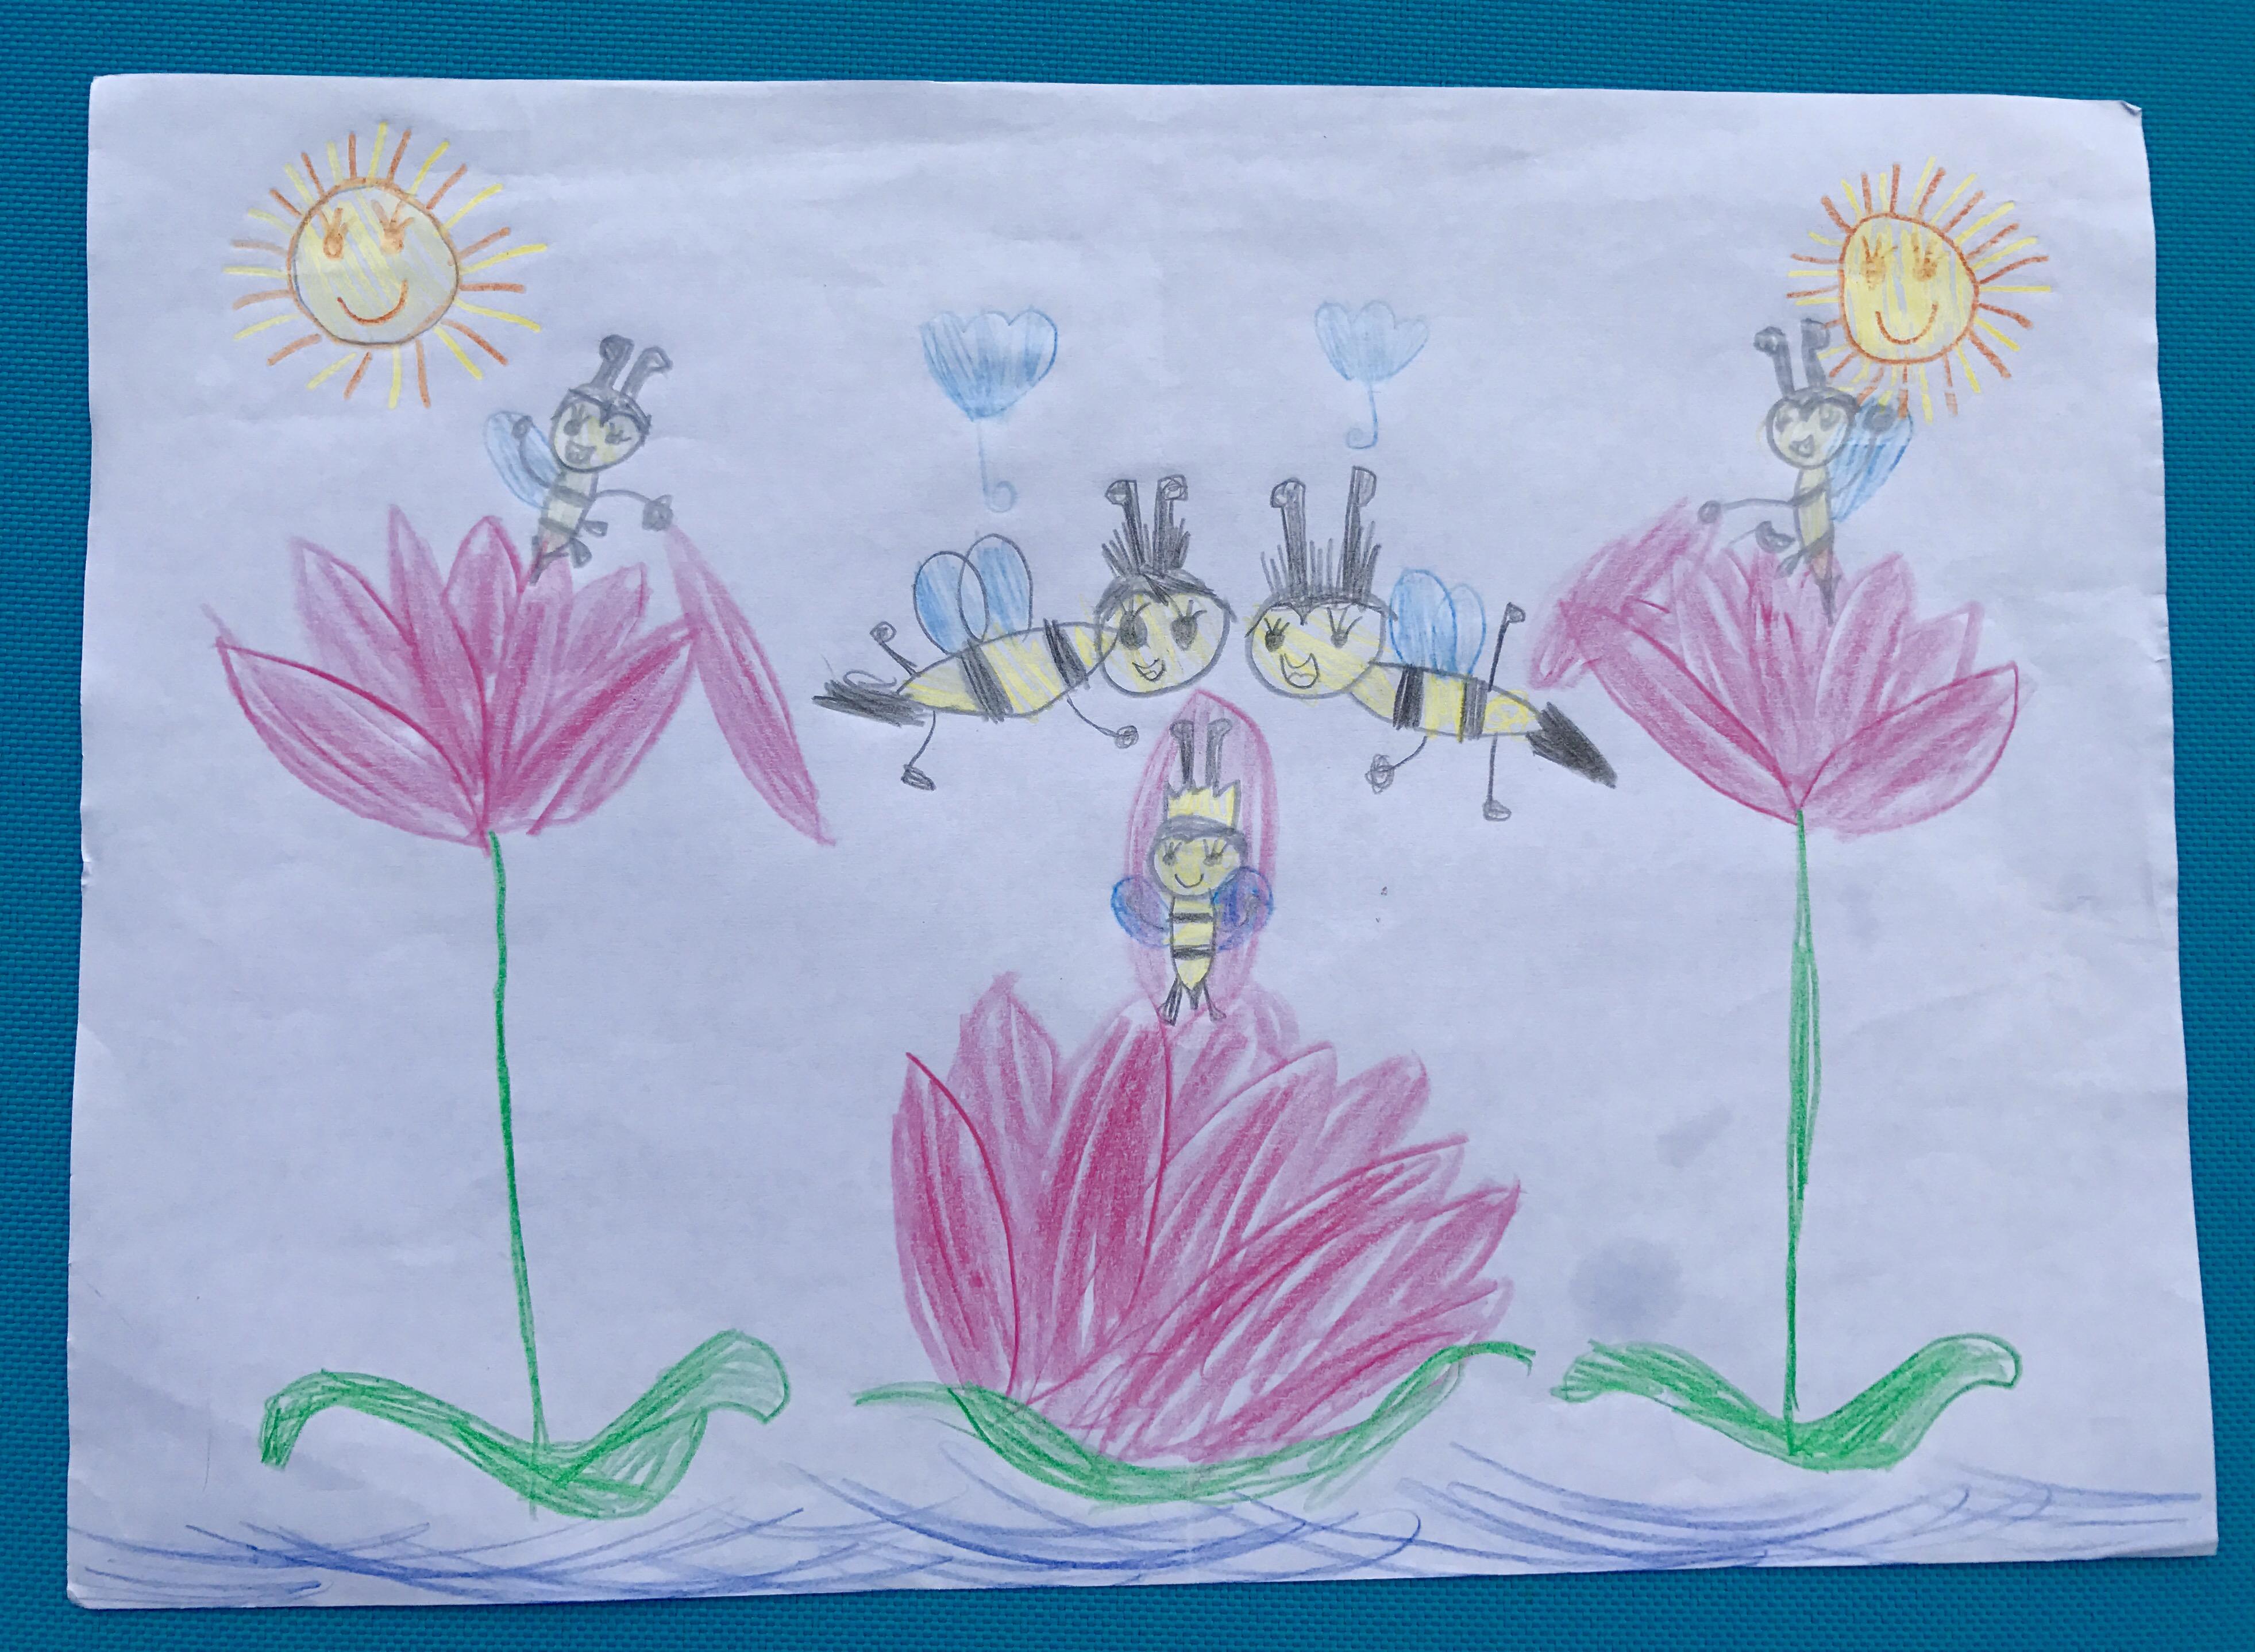 Bild mit Bienen und Lotusblüten von einem Mädchen gemalt